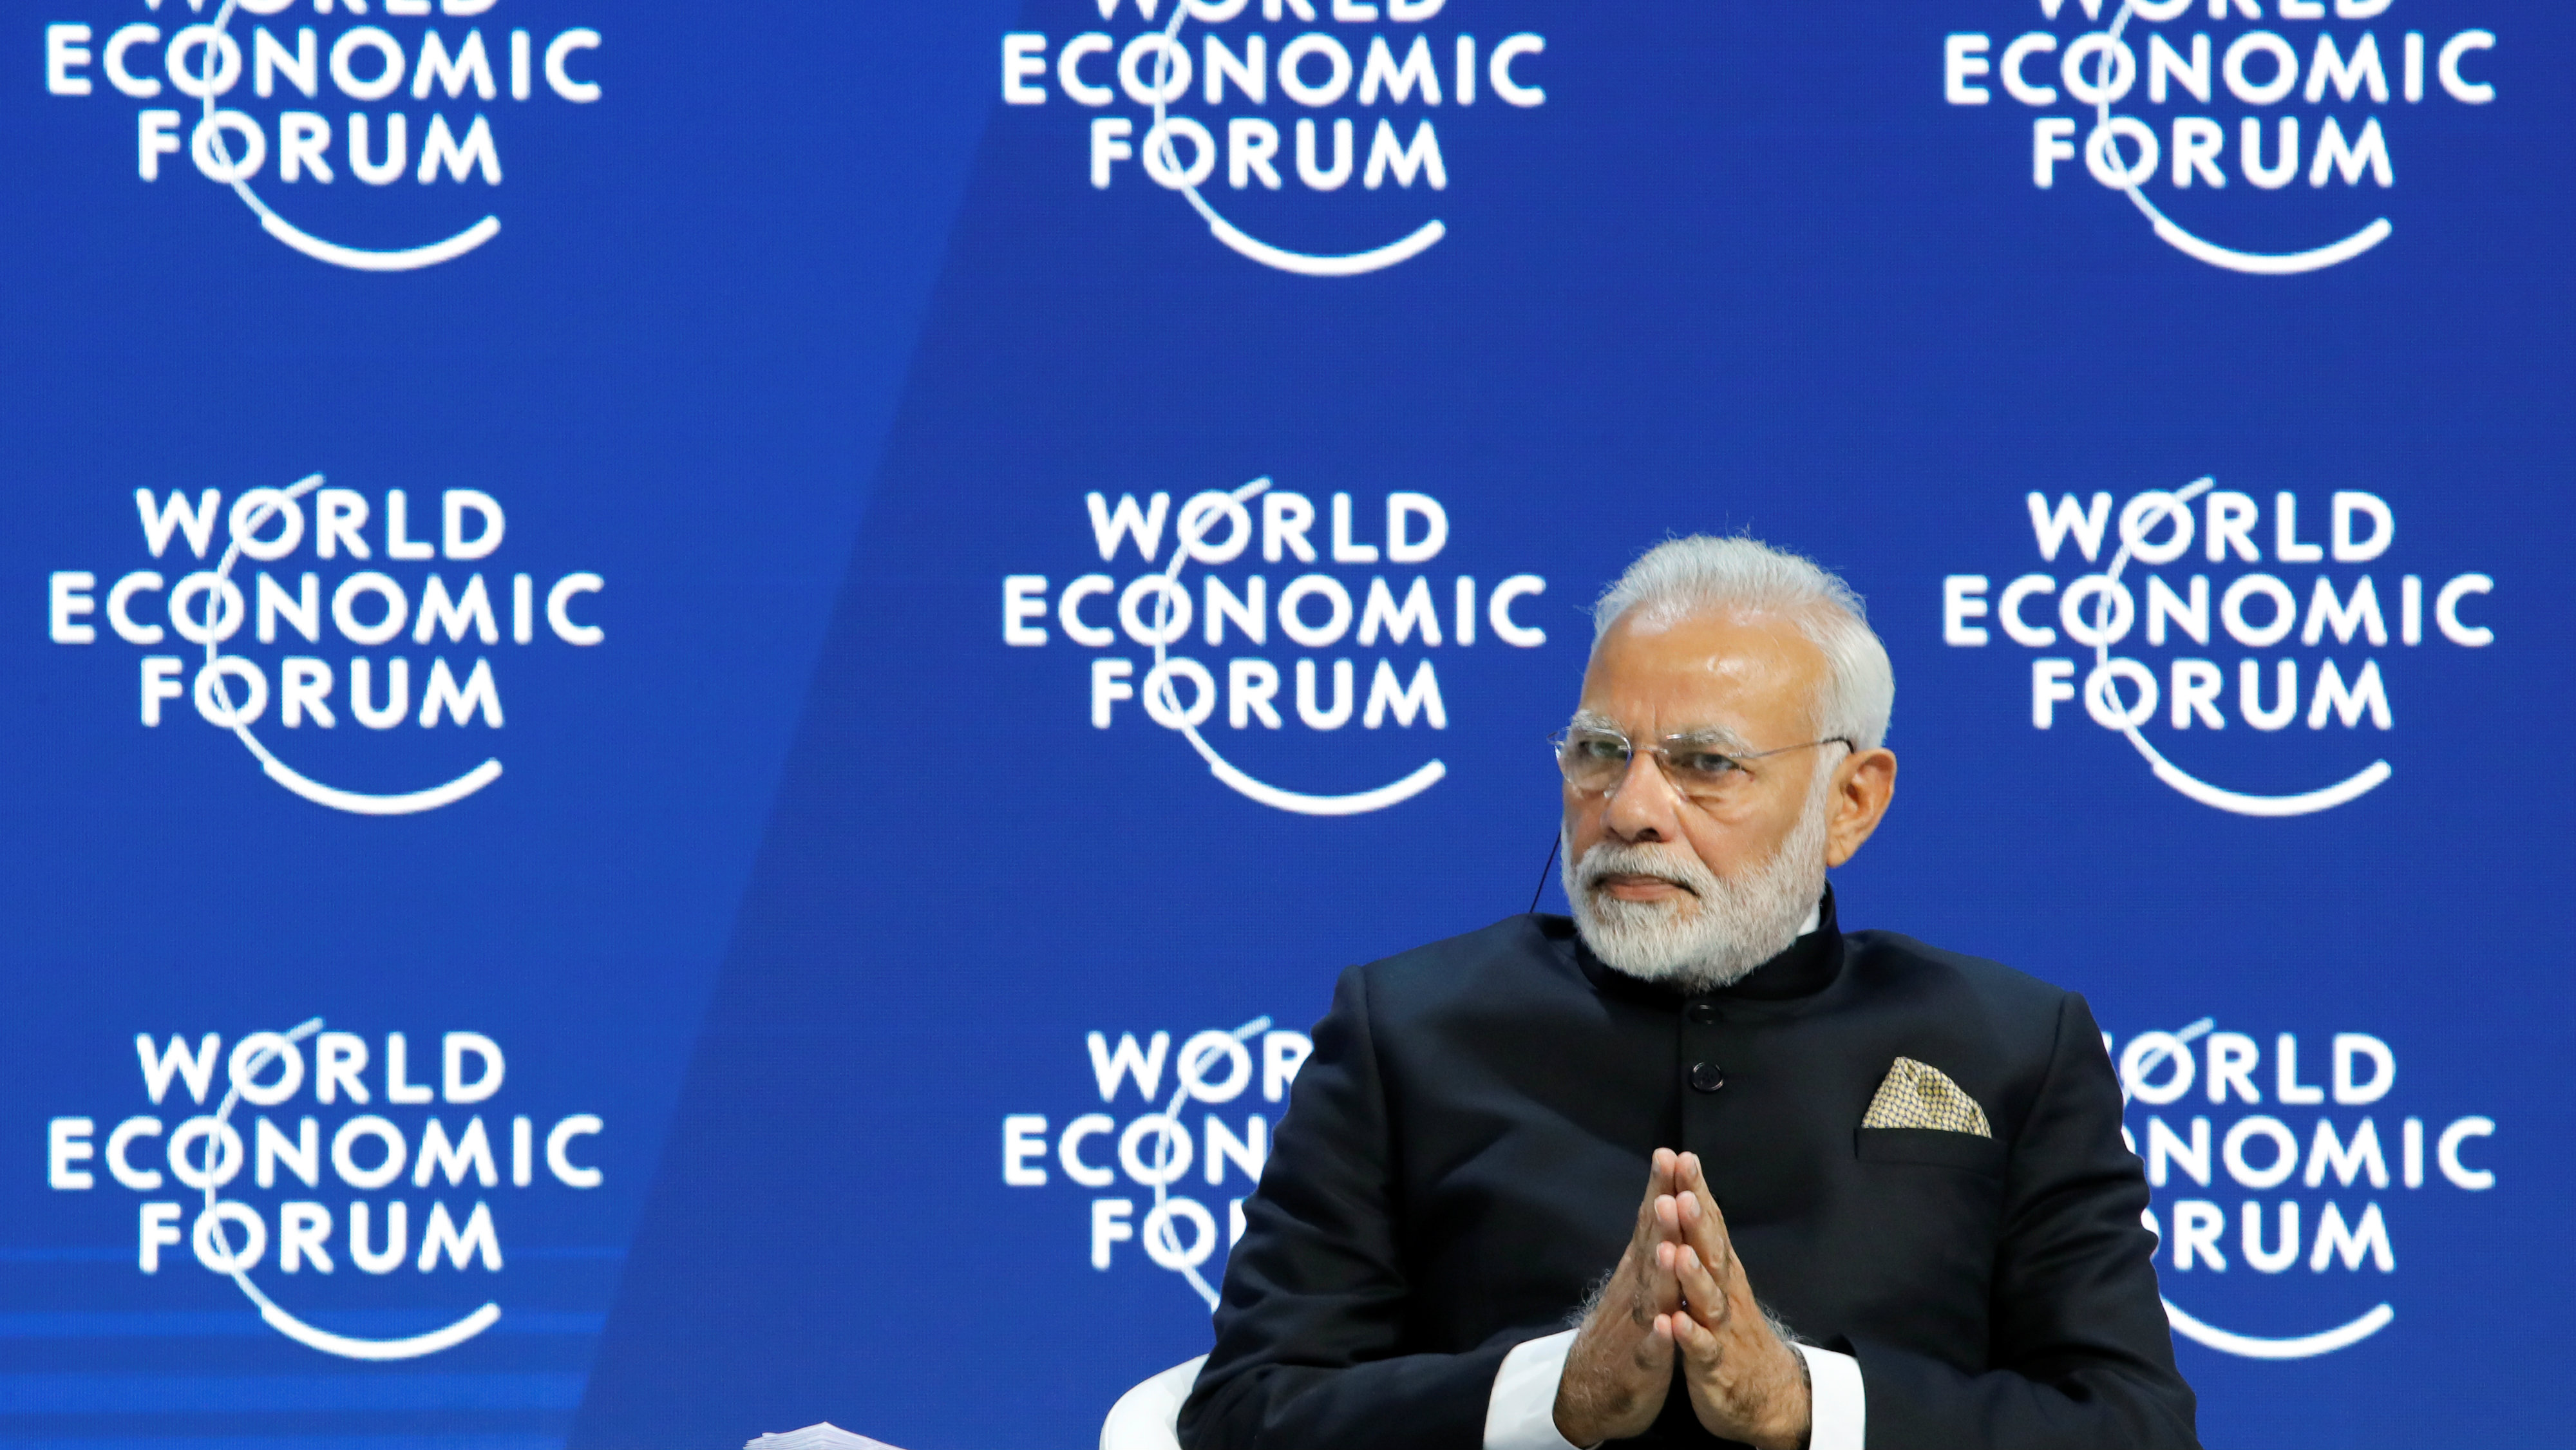 ndia's Prime Minister Narendra Modi at Davos